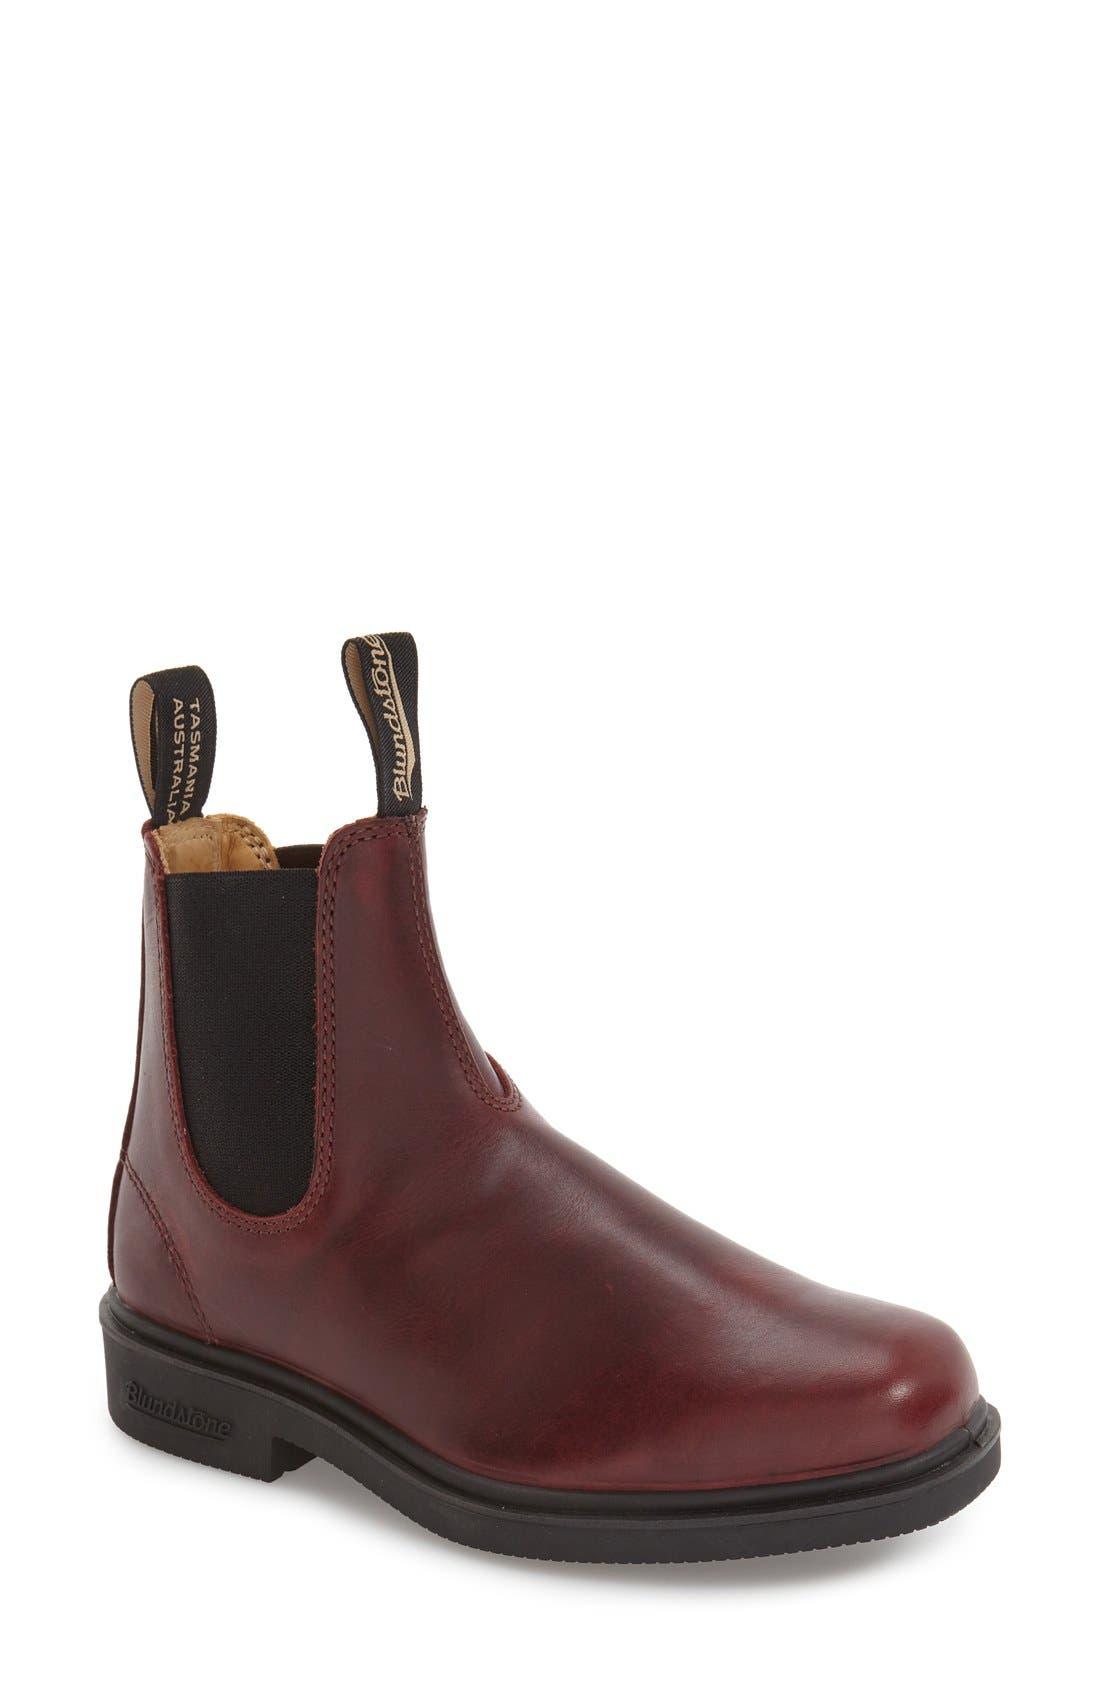 Footwear 'Original - 500 Series' Water Resistant Chelsea Boot,                             Main thumbnail 2, color,